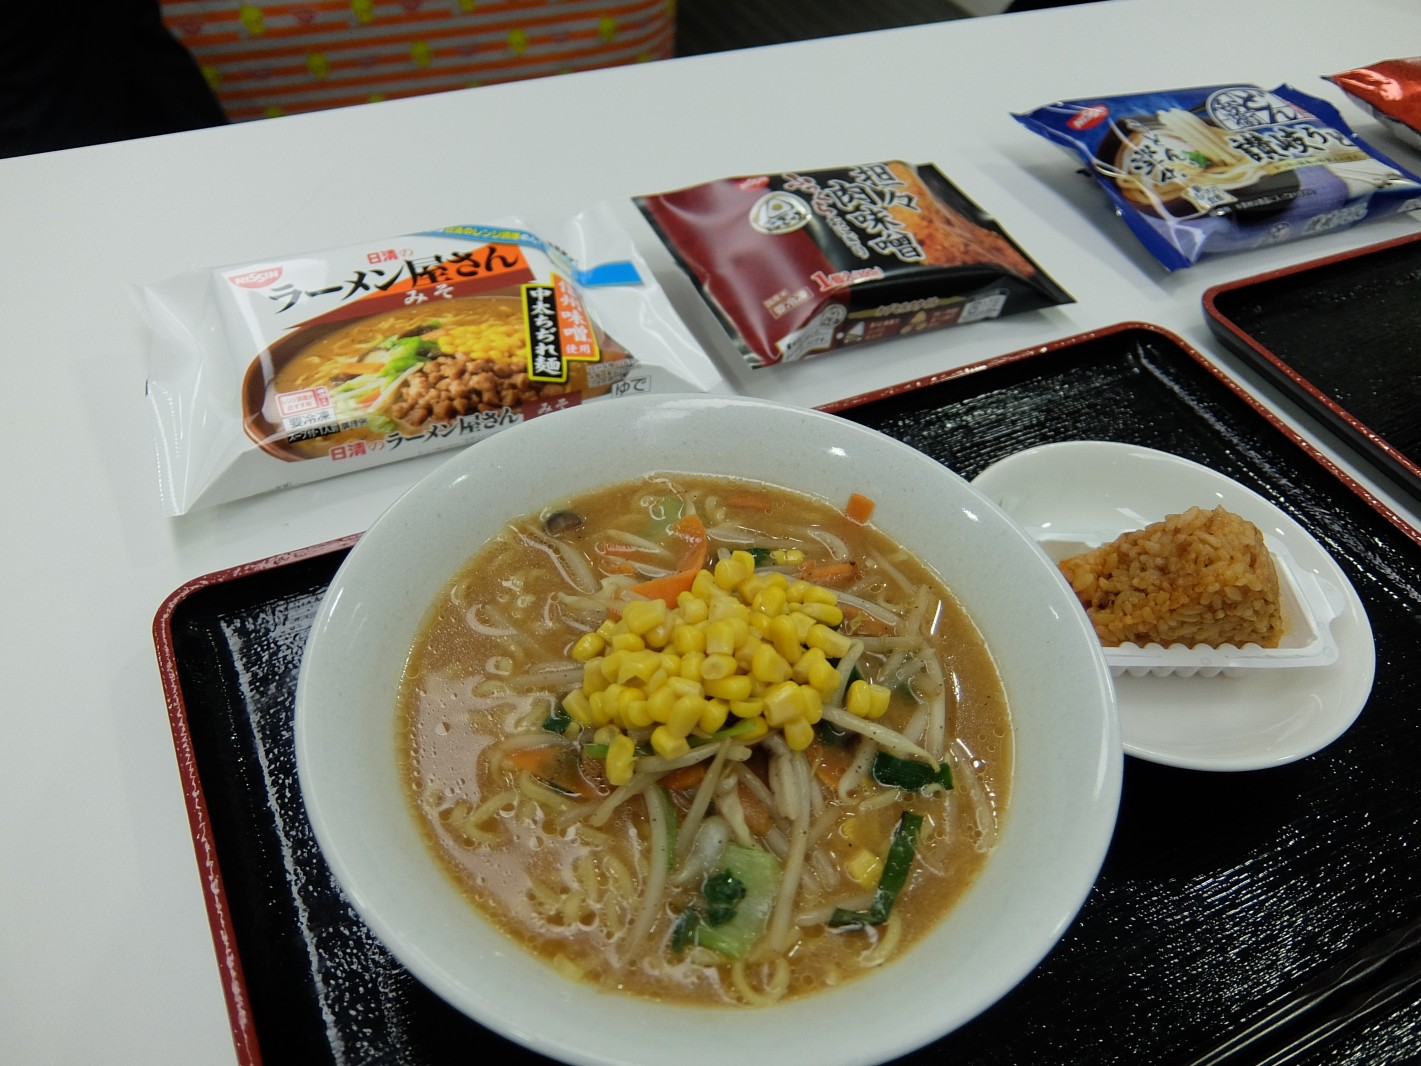 冷凍食品で216円定食!!麺×おにぎり(トッピングでバランスとろう!)